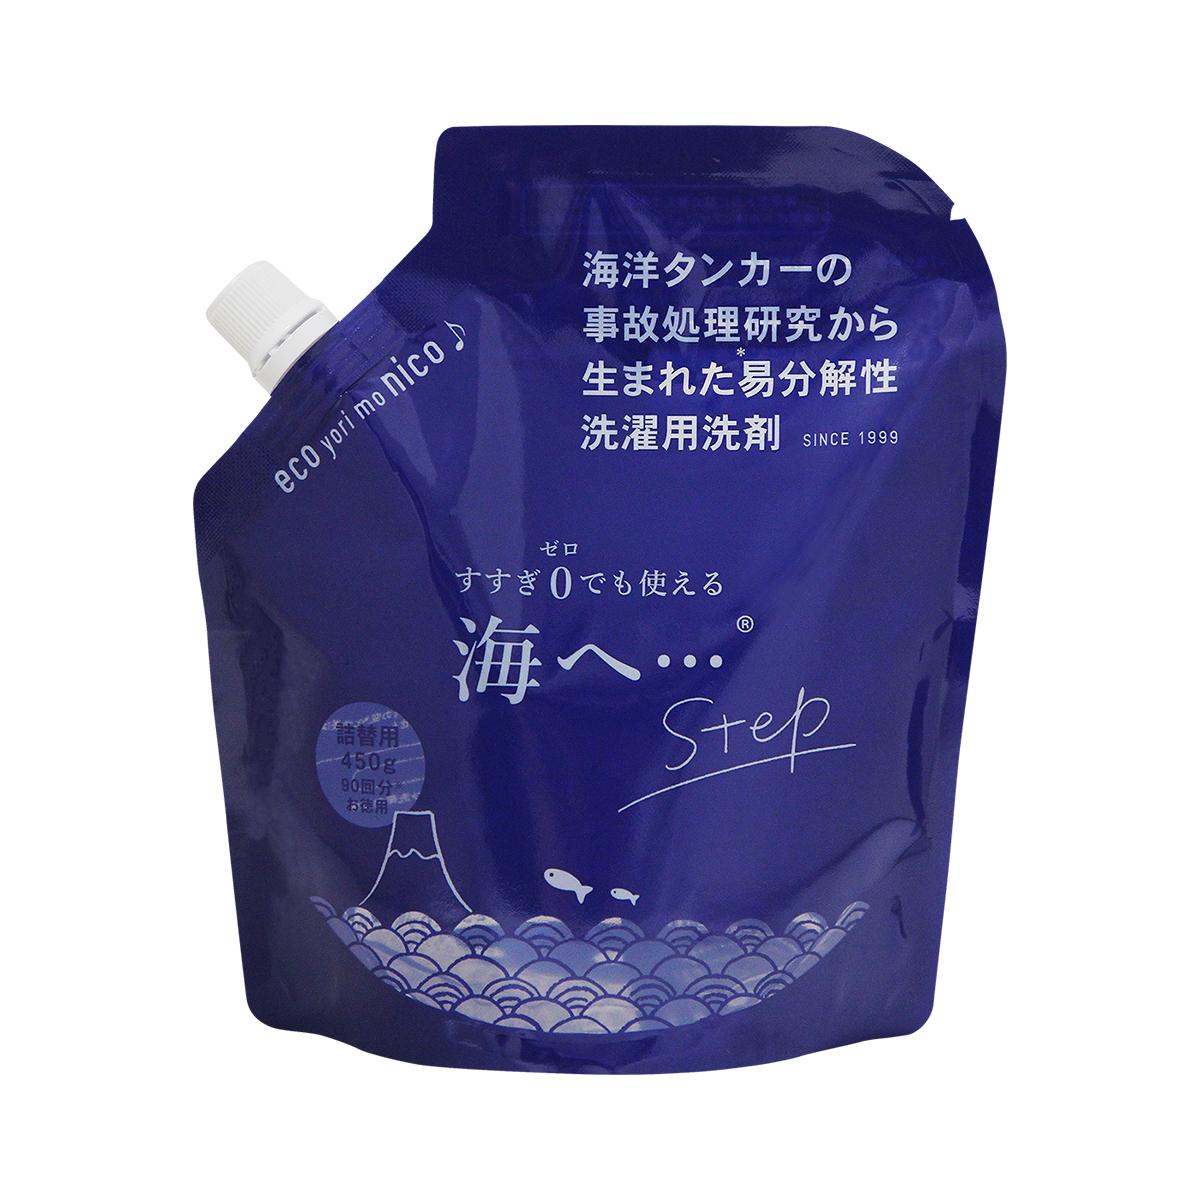 これからは『洗い分け不要』の時代 《詰め替えパック450g》これ一つで綿もカシミヤも洗える!キャップ計量もすすぎの手間もいらない洗剤 海へ…Step